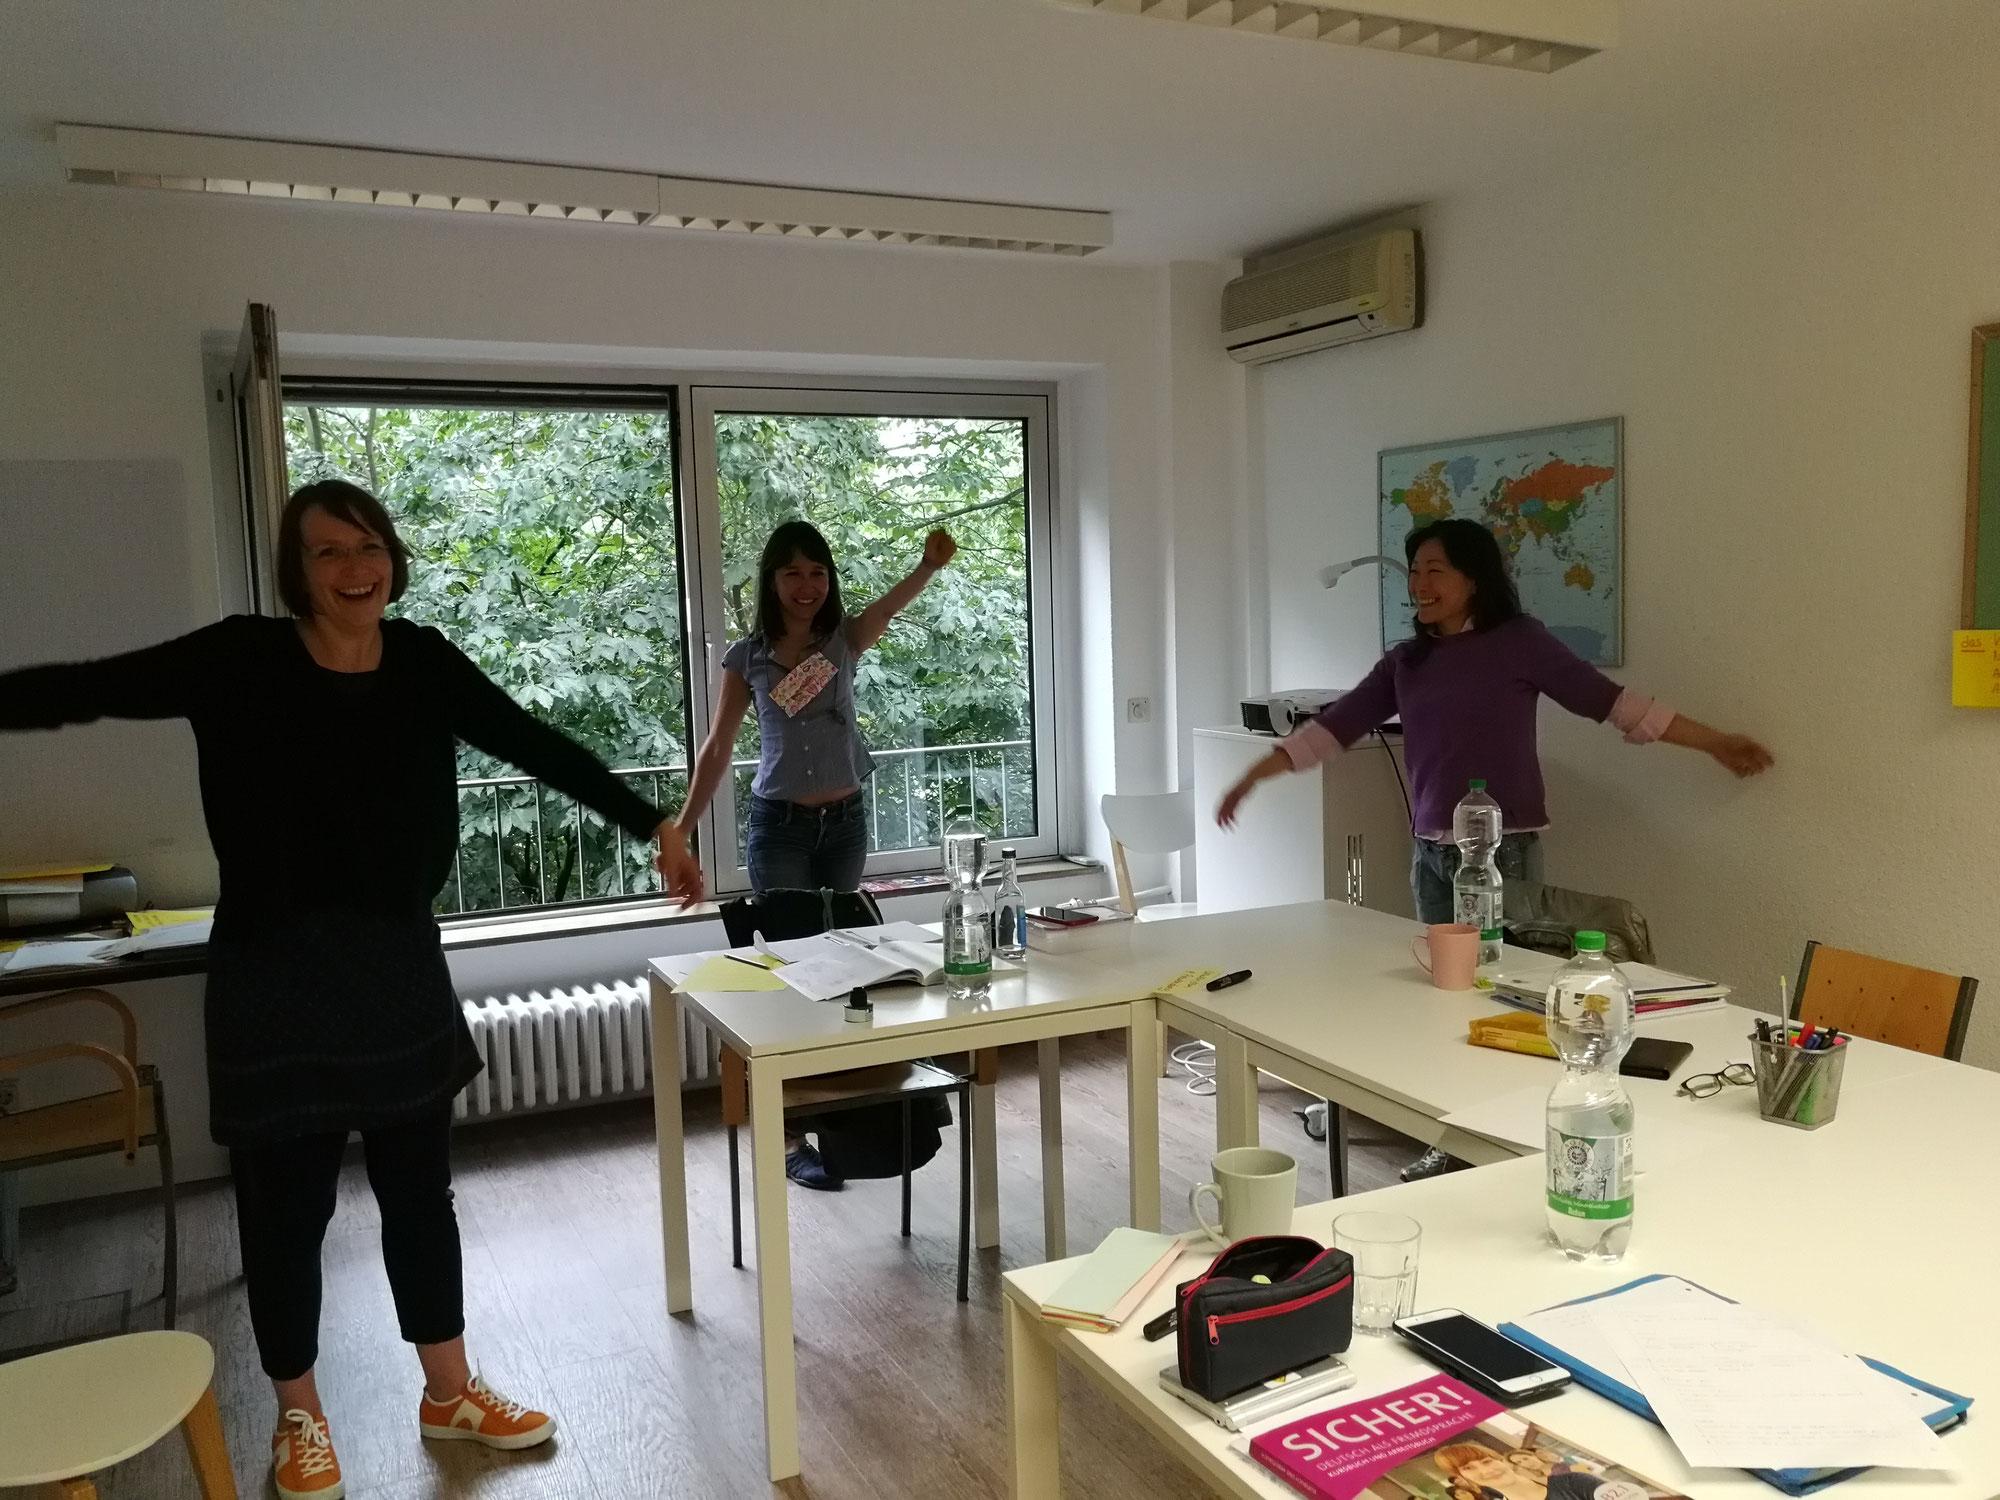 Dein Deutschkurs: neue Wörter & Grammatik lernen, aber wie? / Your German course: Learning words & vocabulary, but how?